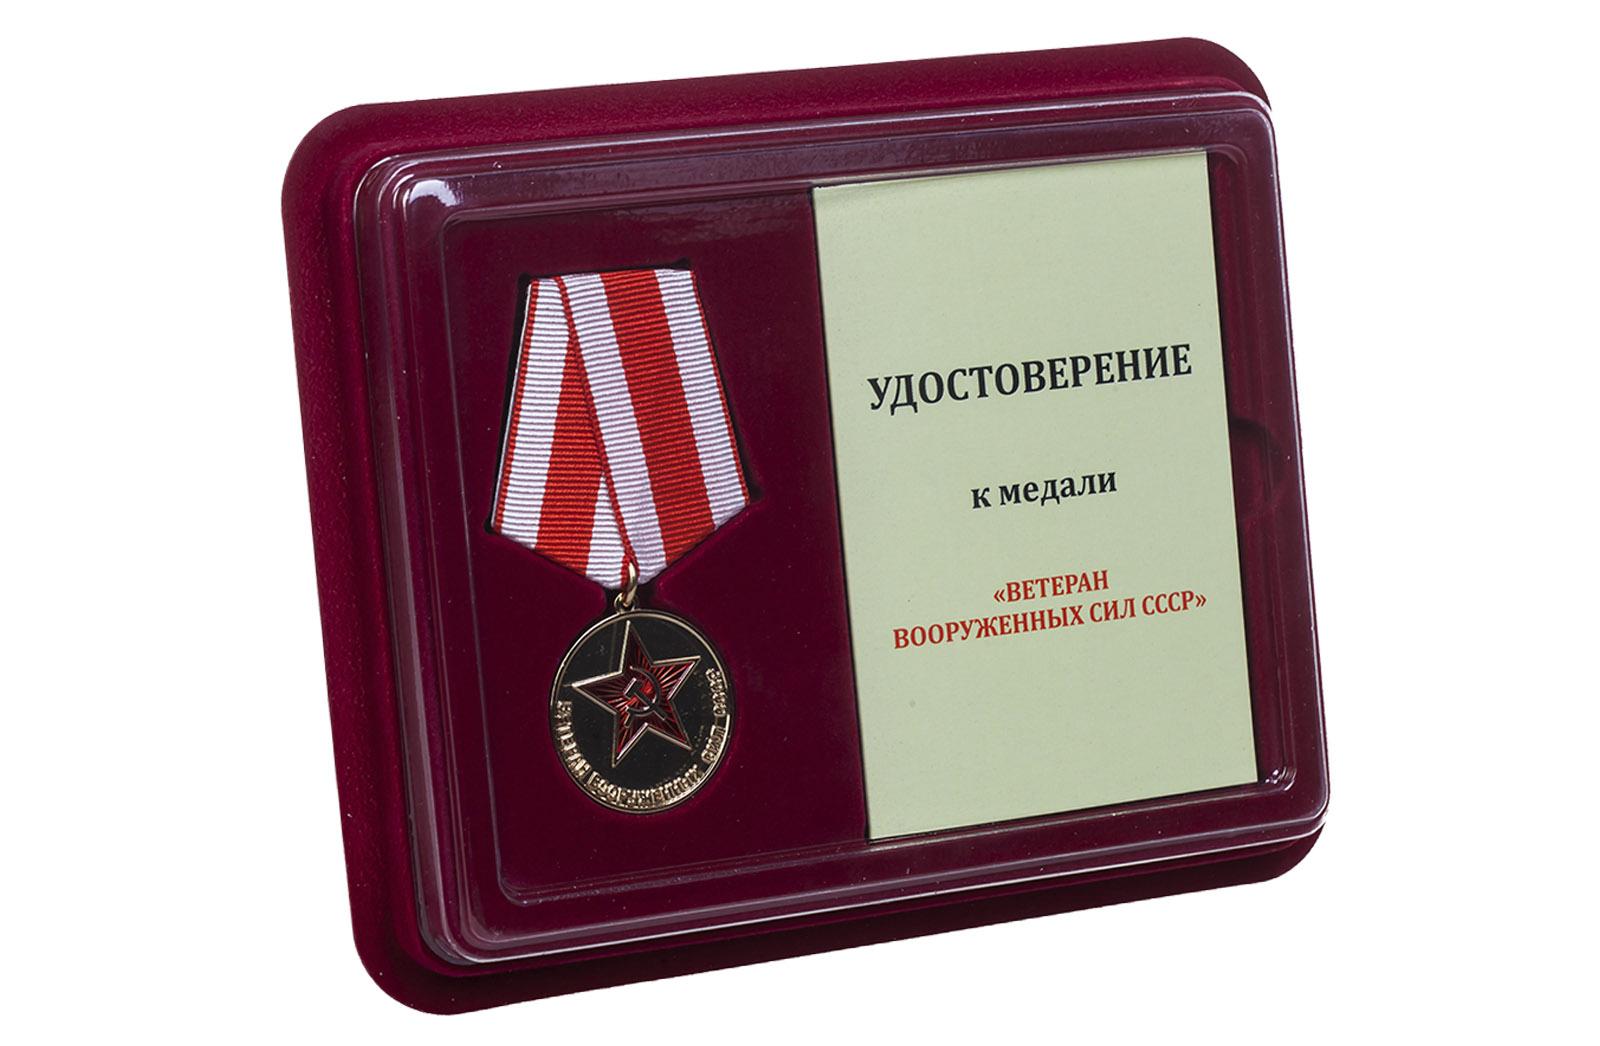 Купить медаль «Ветеран Вооруженных сил СССР» - в футляре с удостоверением в подарок ценителю